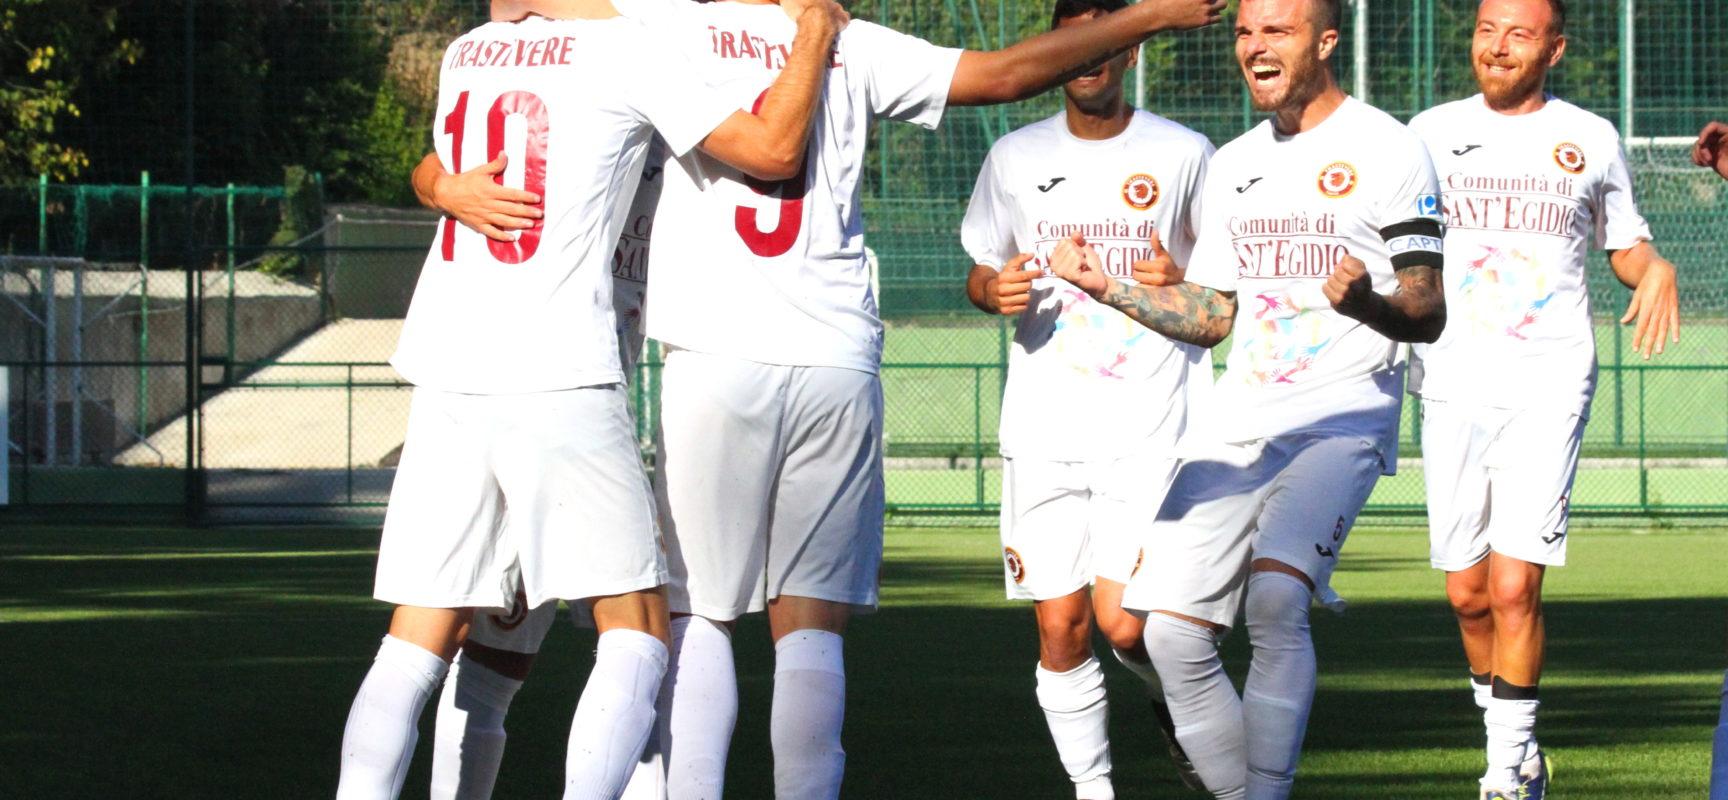 Il Trastevere vince il derby romano e resta solo in vetta alla classifica